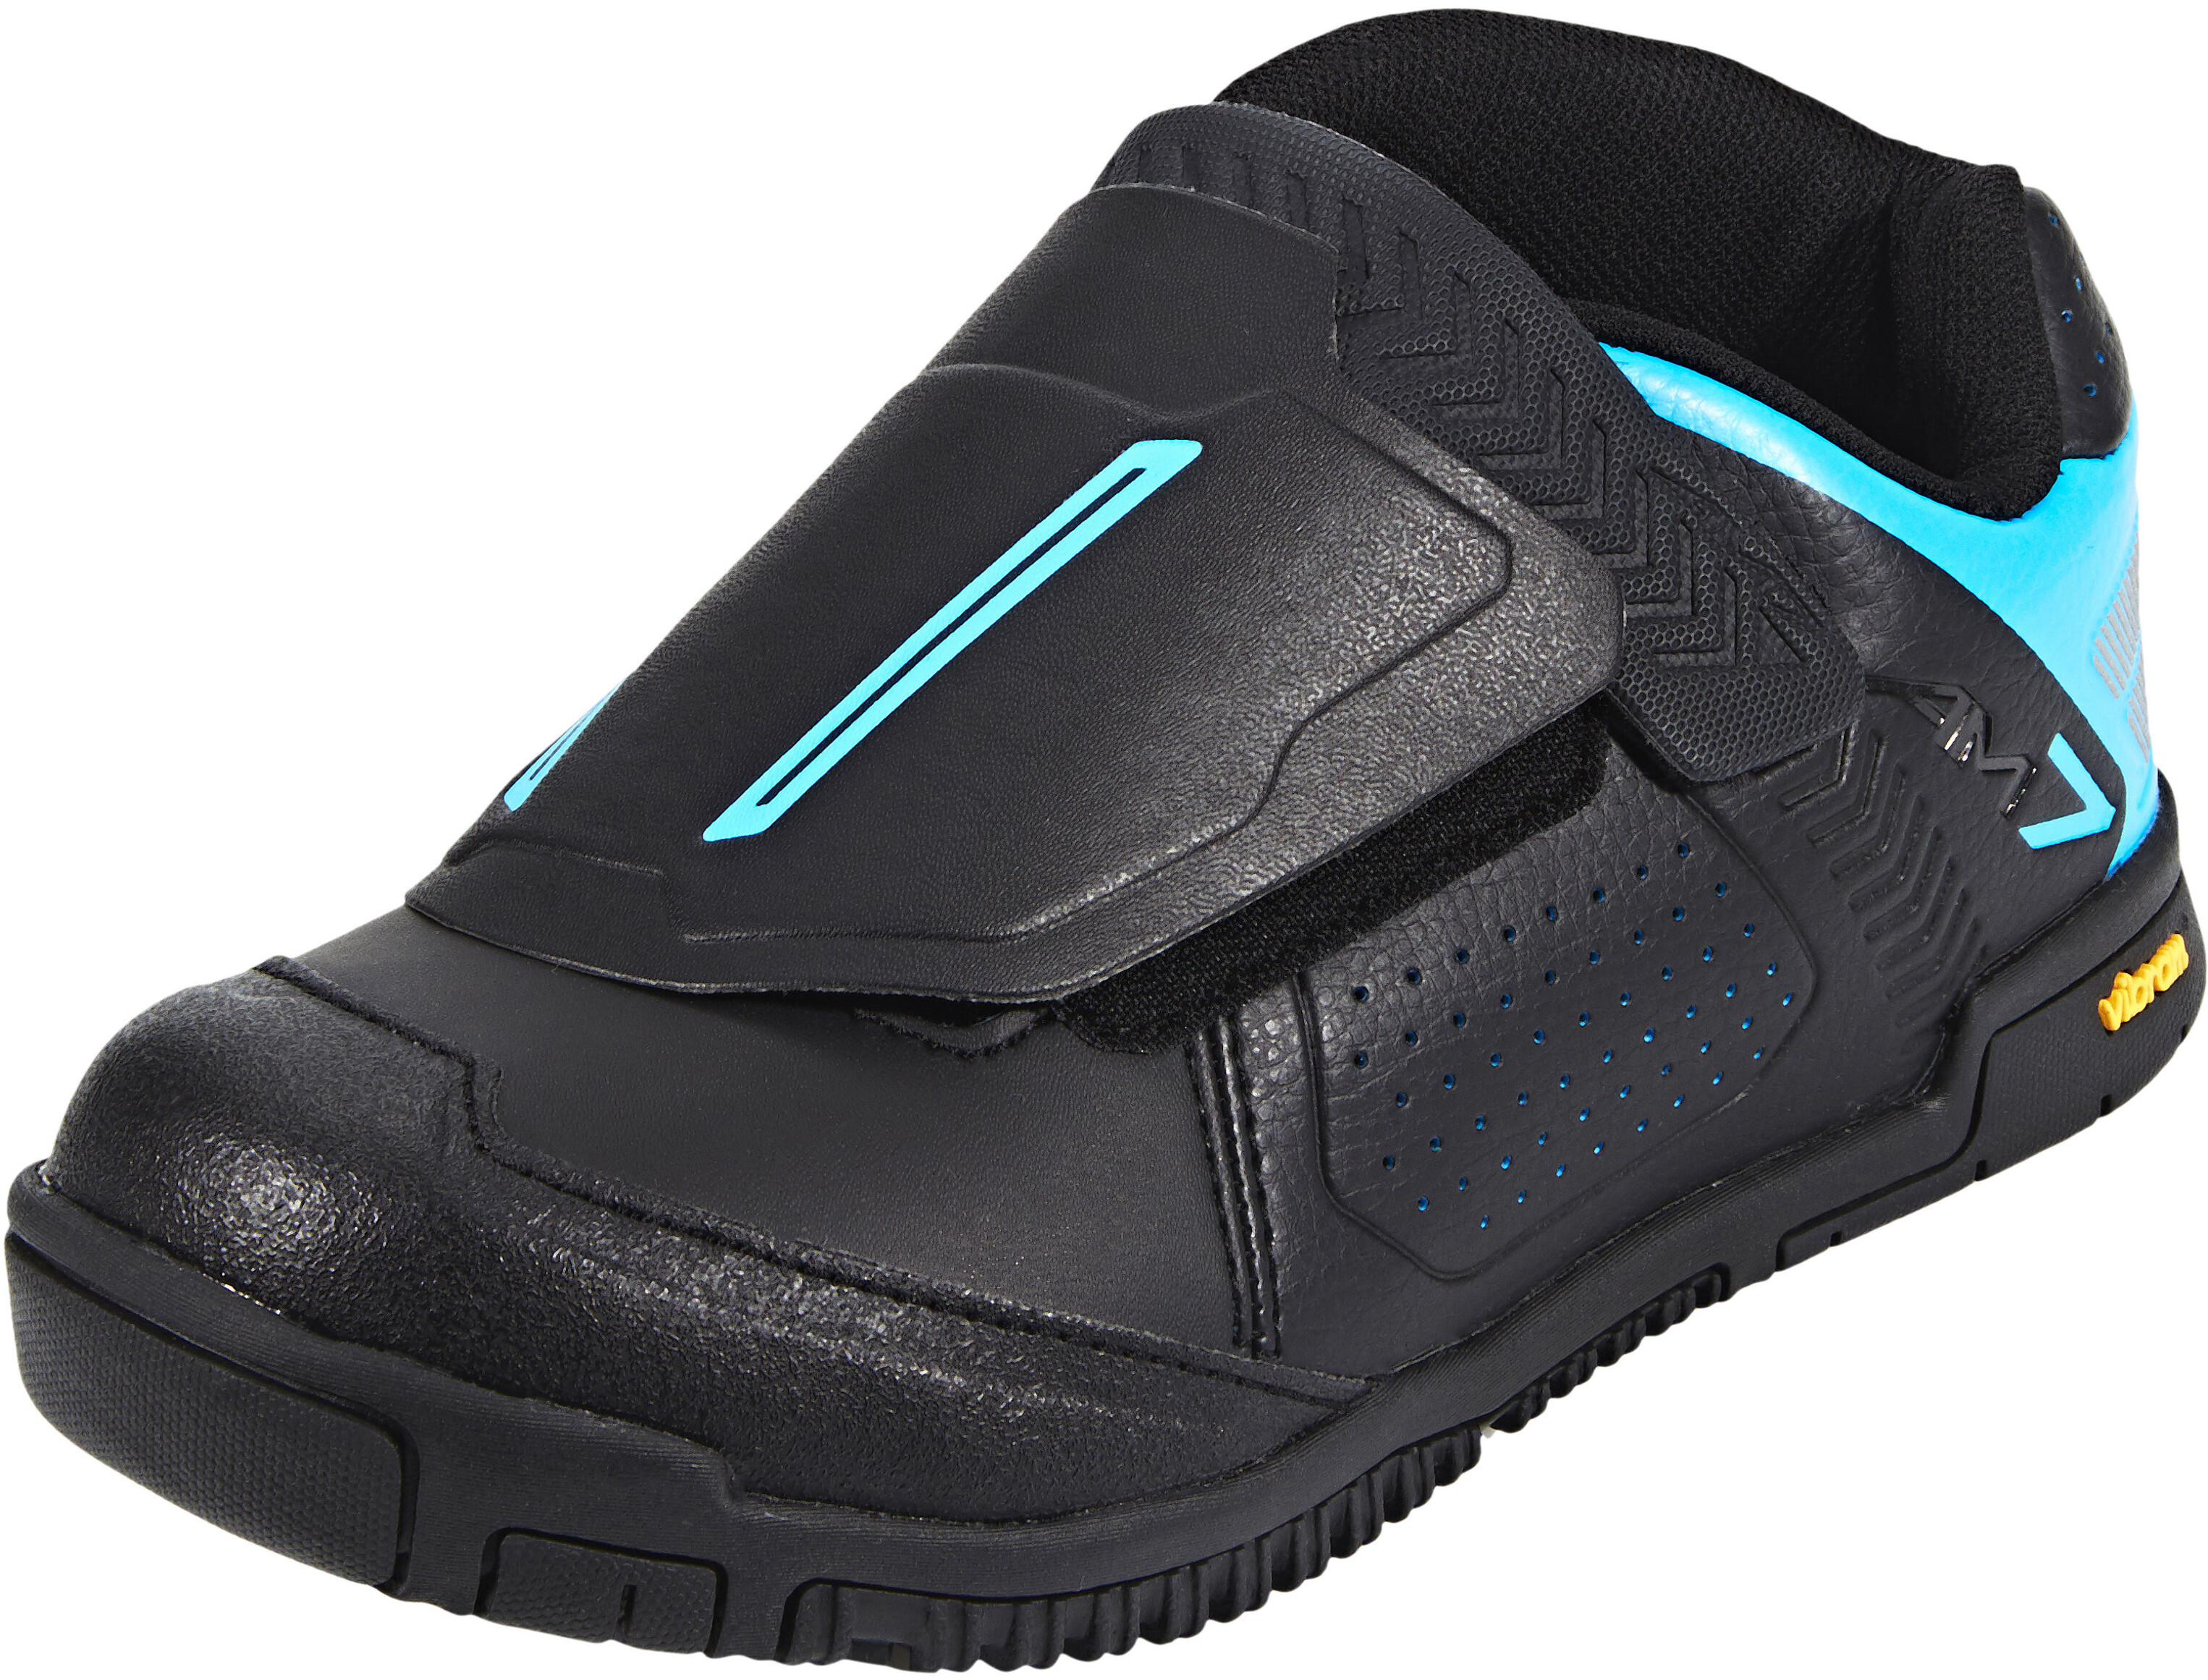 16d1a520e99 Shimano SH-AM7 schoenen zwart I Eenvoudig online bij Bikester